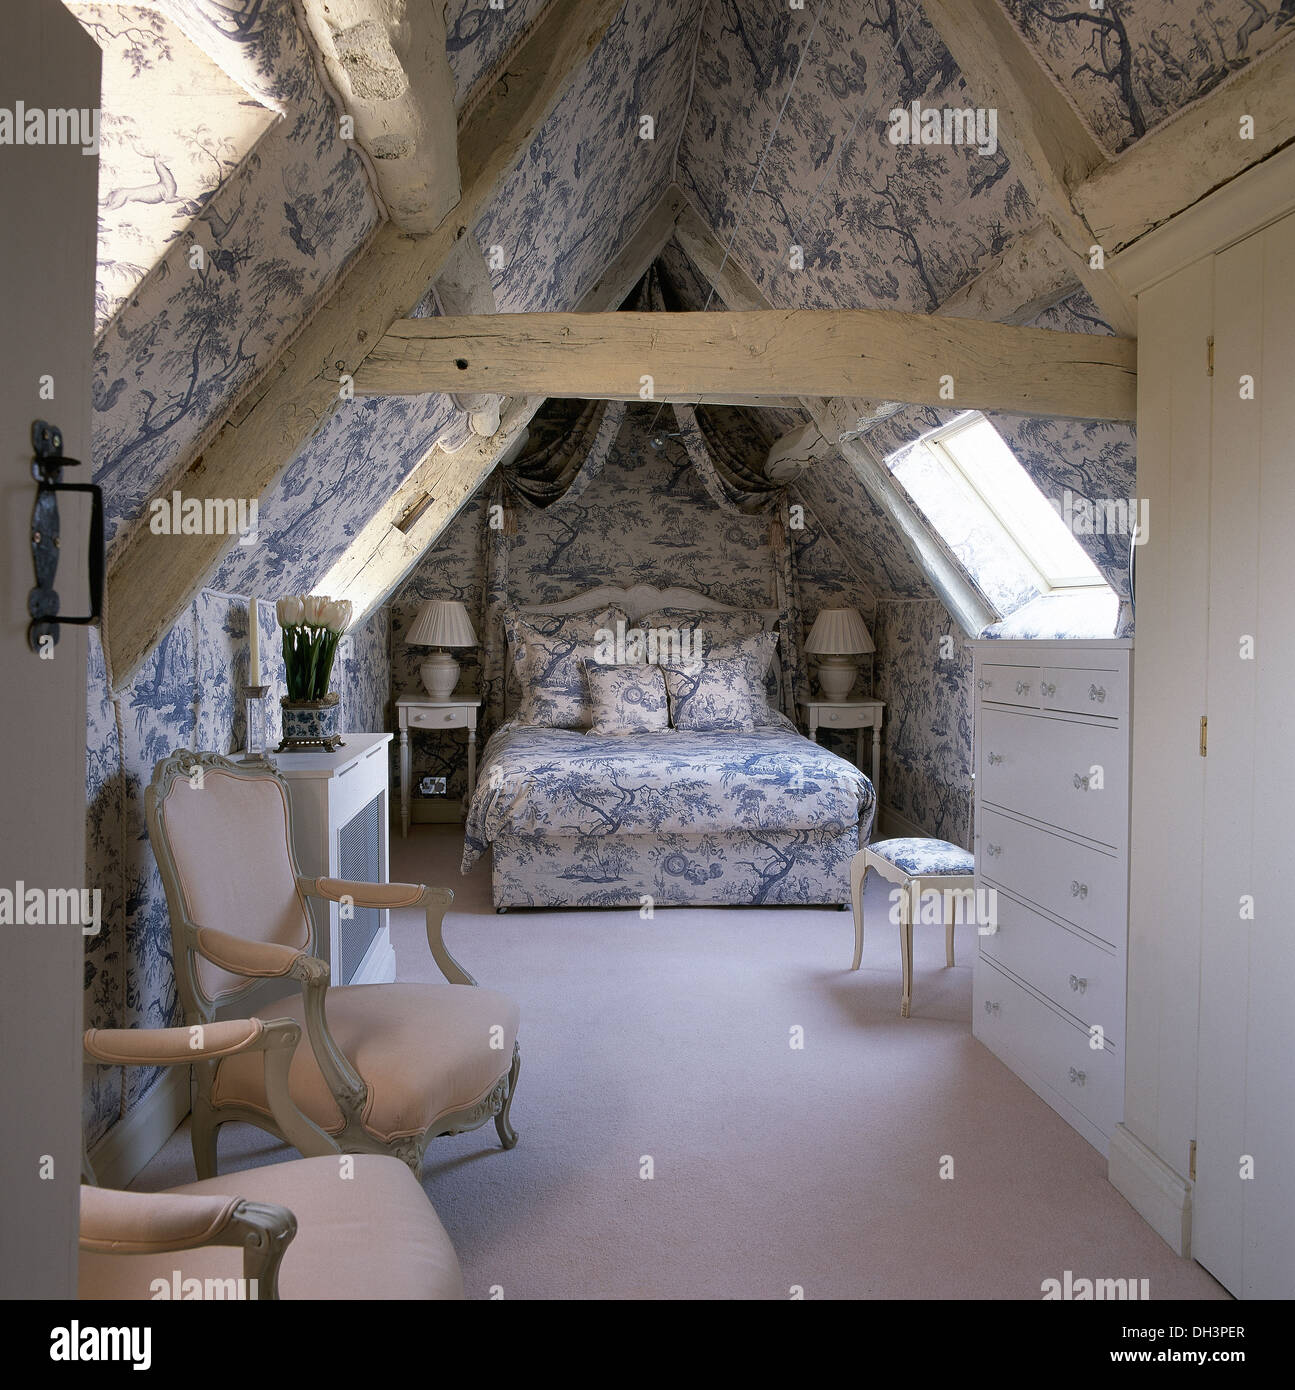 blau wei toile de jouy tapete und koordinierte bettdecke im dachgeschoss schlafzimmer mit. Black Bedroom Furniture Sets. Home Design Ideas